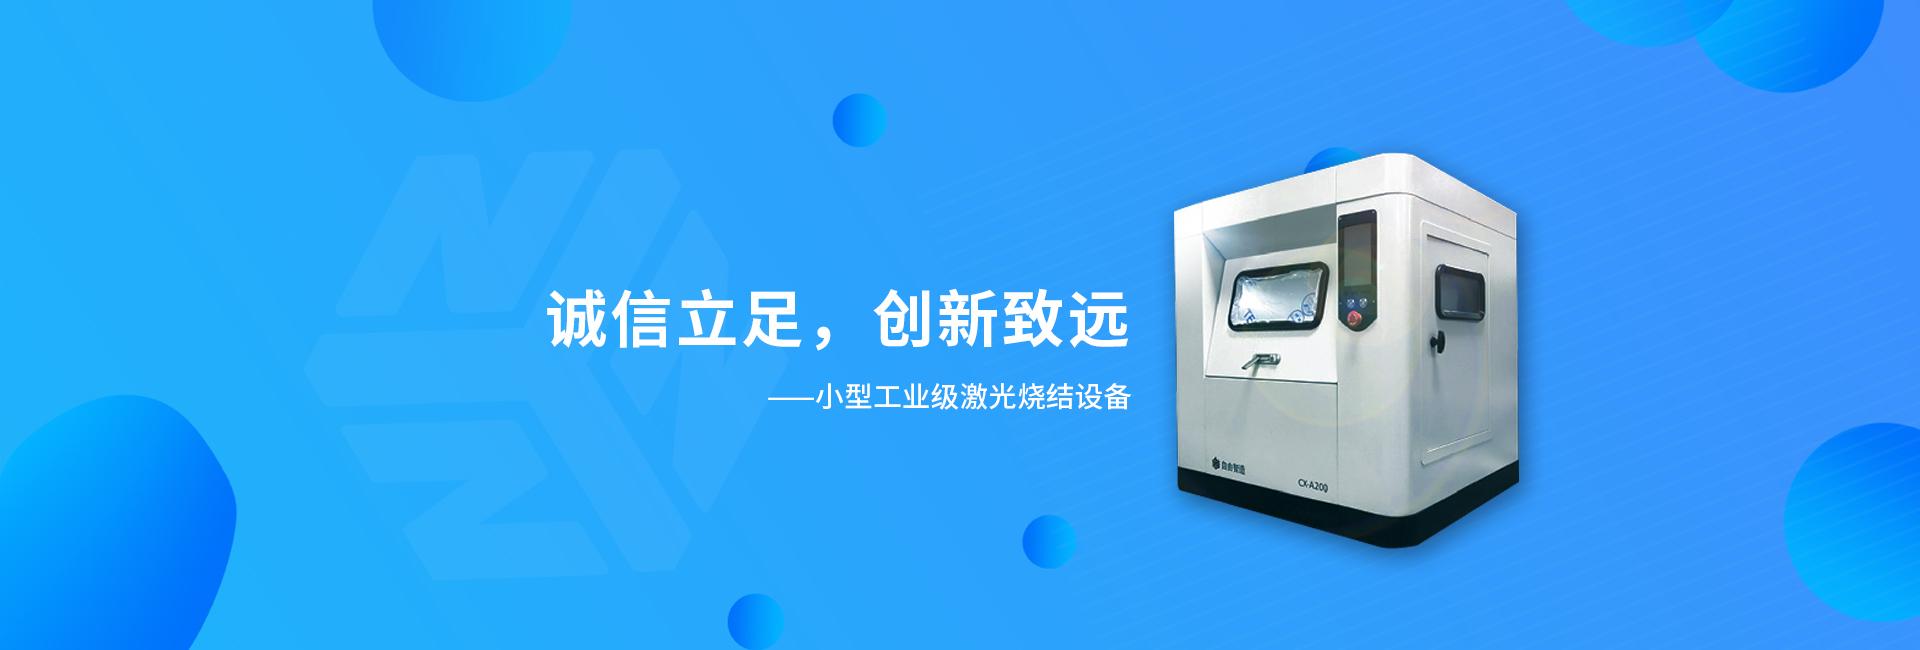 激光3D打印机厂家